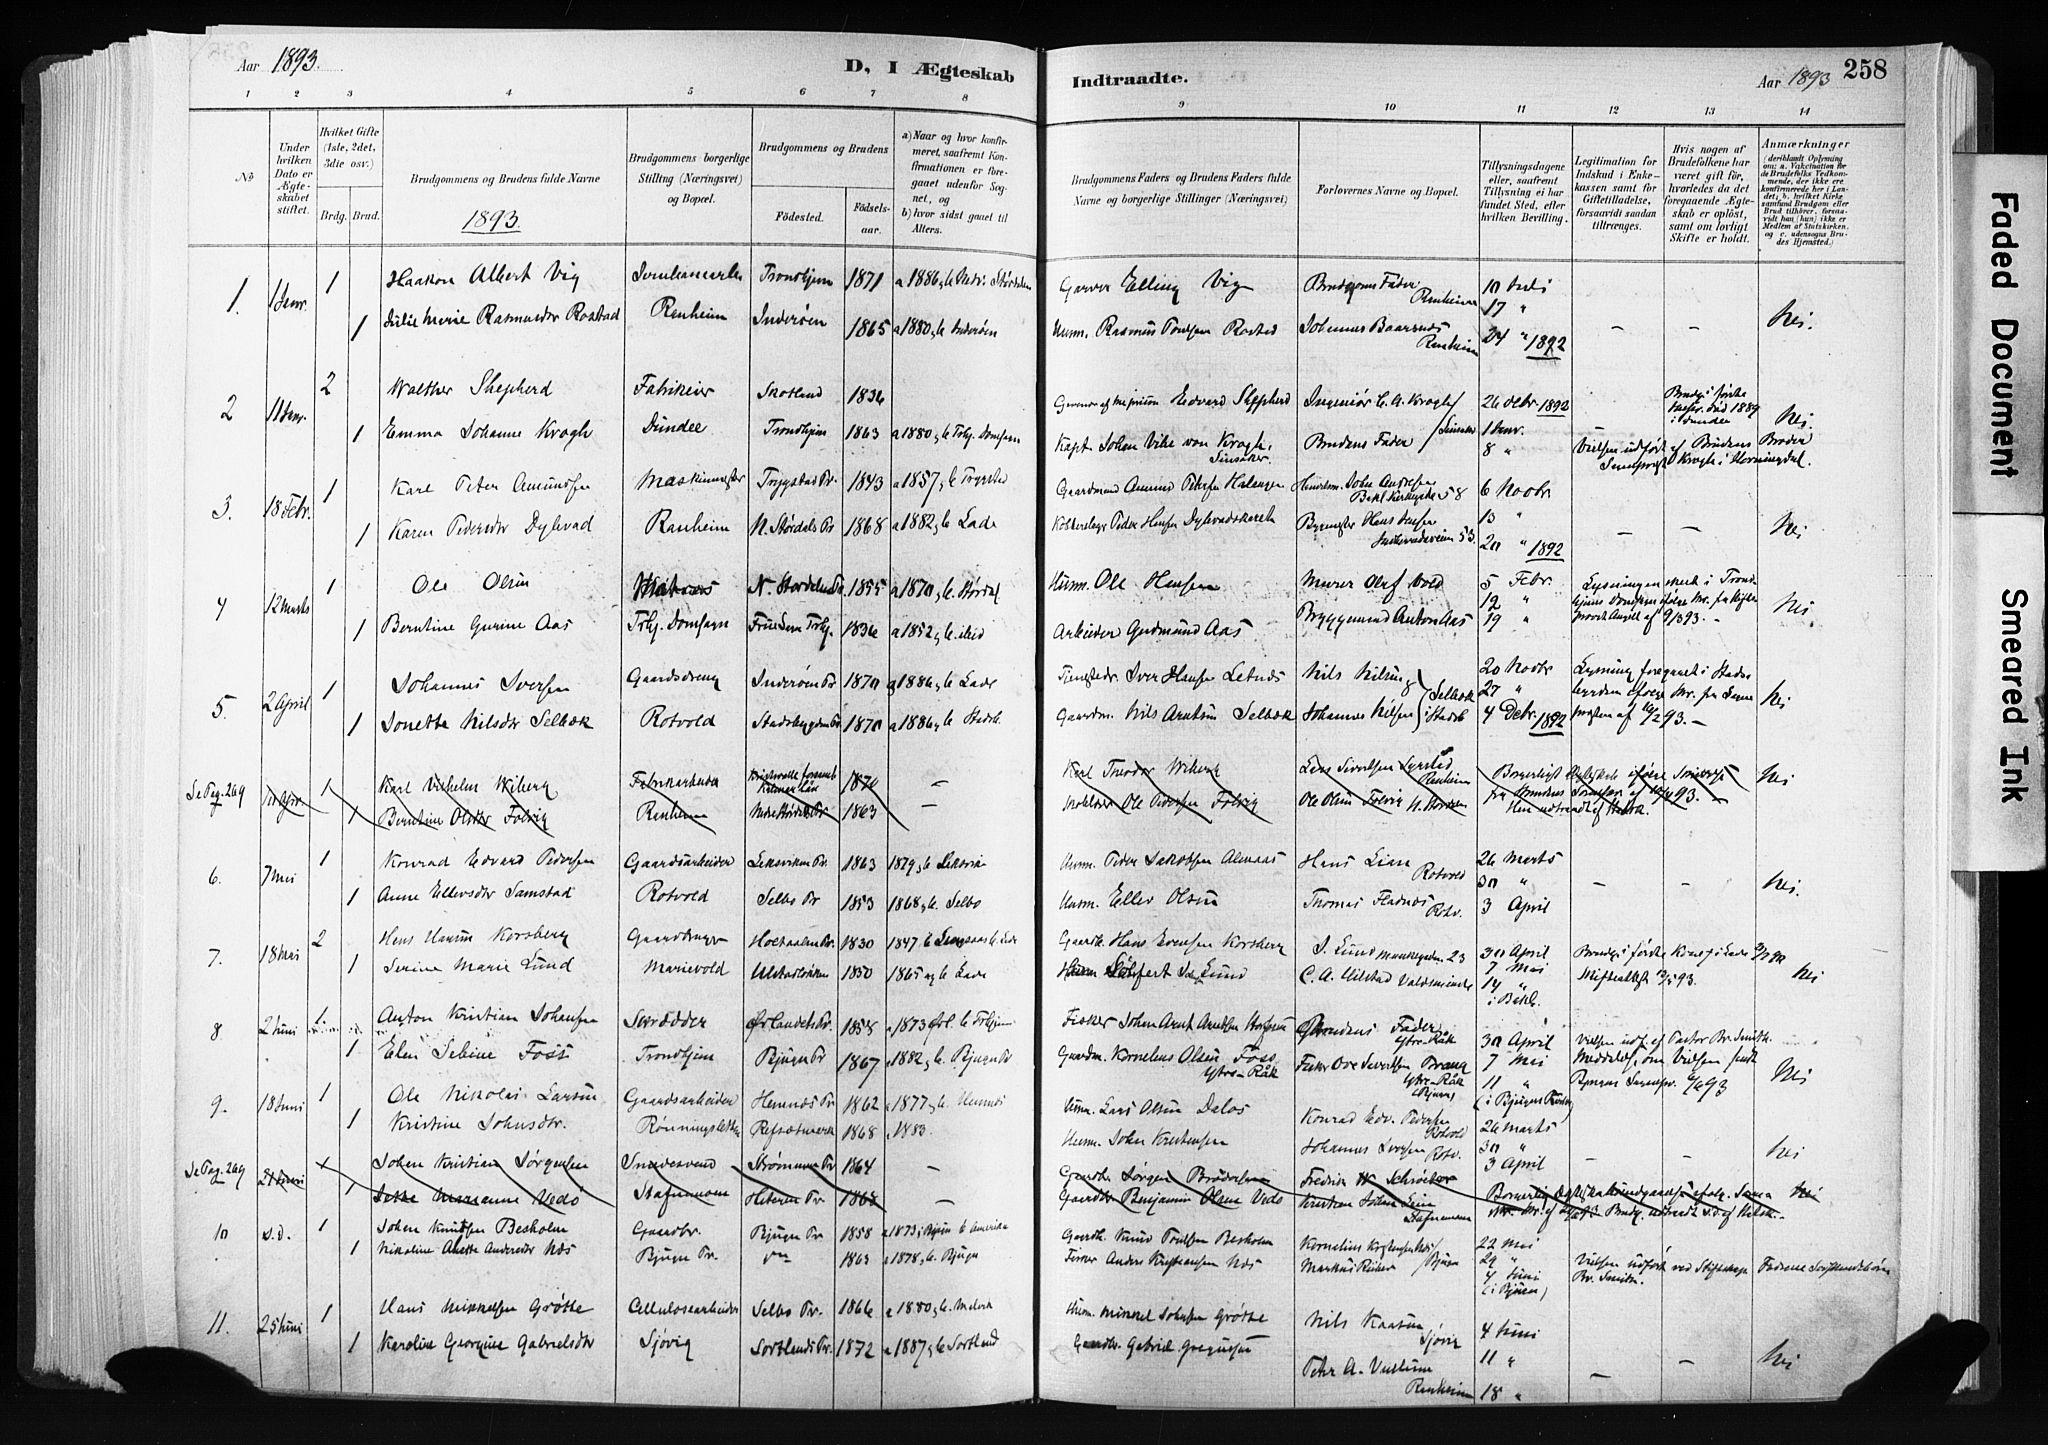 SAT, Ministerialprotokoller, klokkerbøker og fødselsregistre - Sør-Trøndelag, 606/L0300: Ministerialbok nr. 606A15, 1886-1893, s. 258